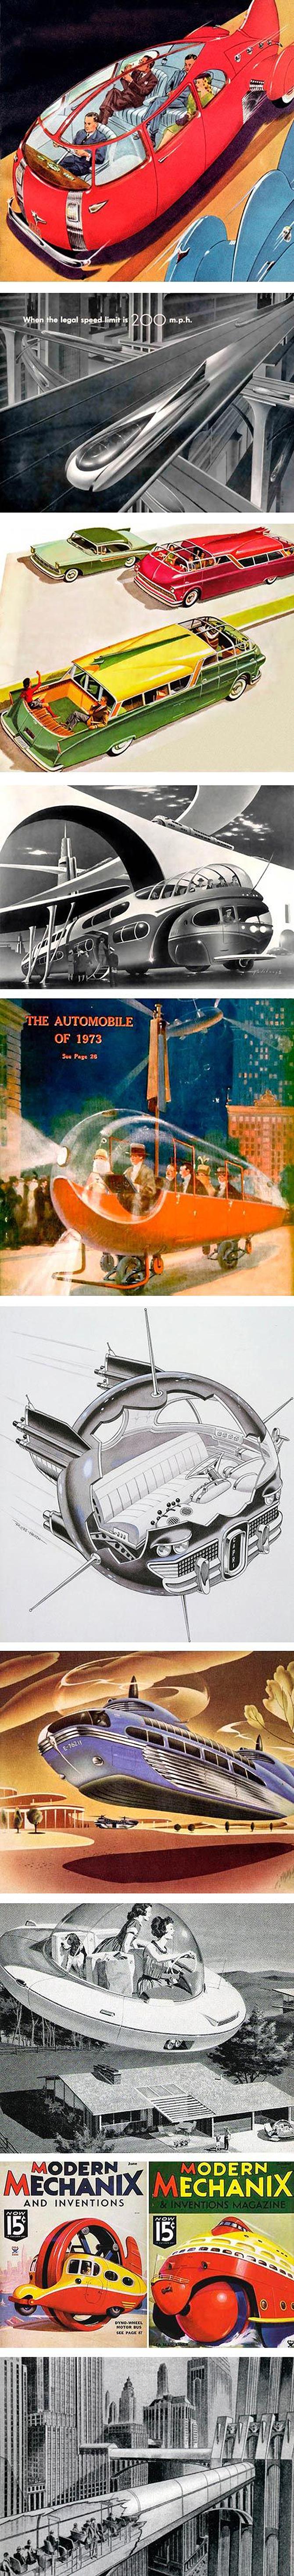 """""""retro futusistic artwork""""  amazing retro futuristic art_3 amazing retro futuristic art 3"""